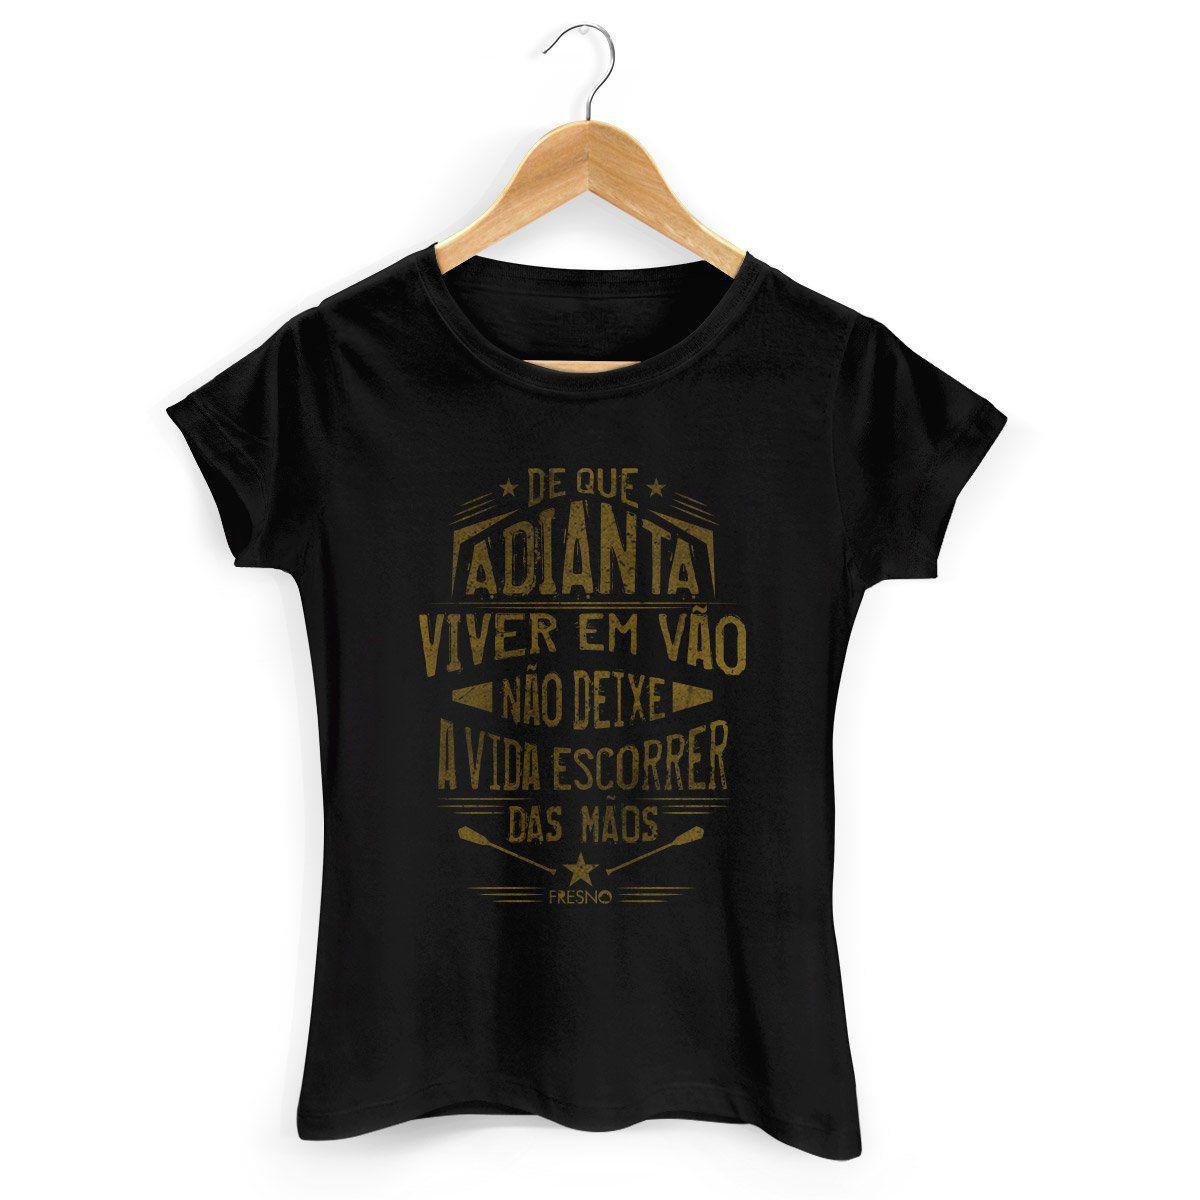 Camiseta Feminina Fresno - Não Deixe a Vida Escorrer